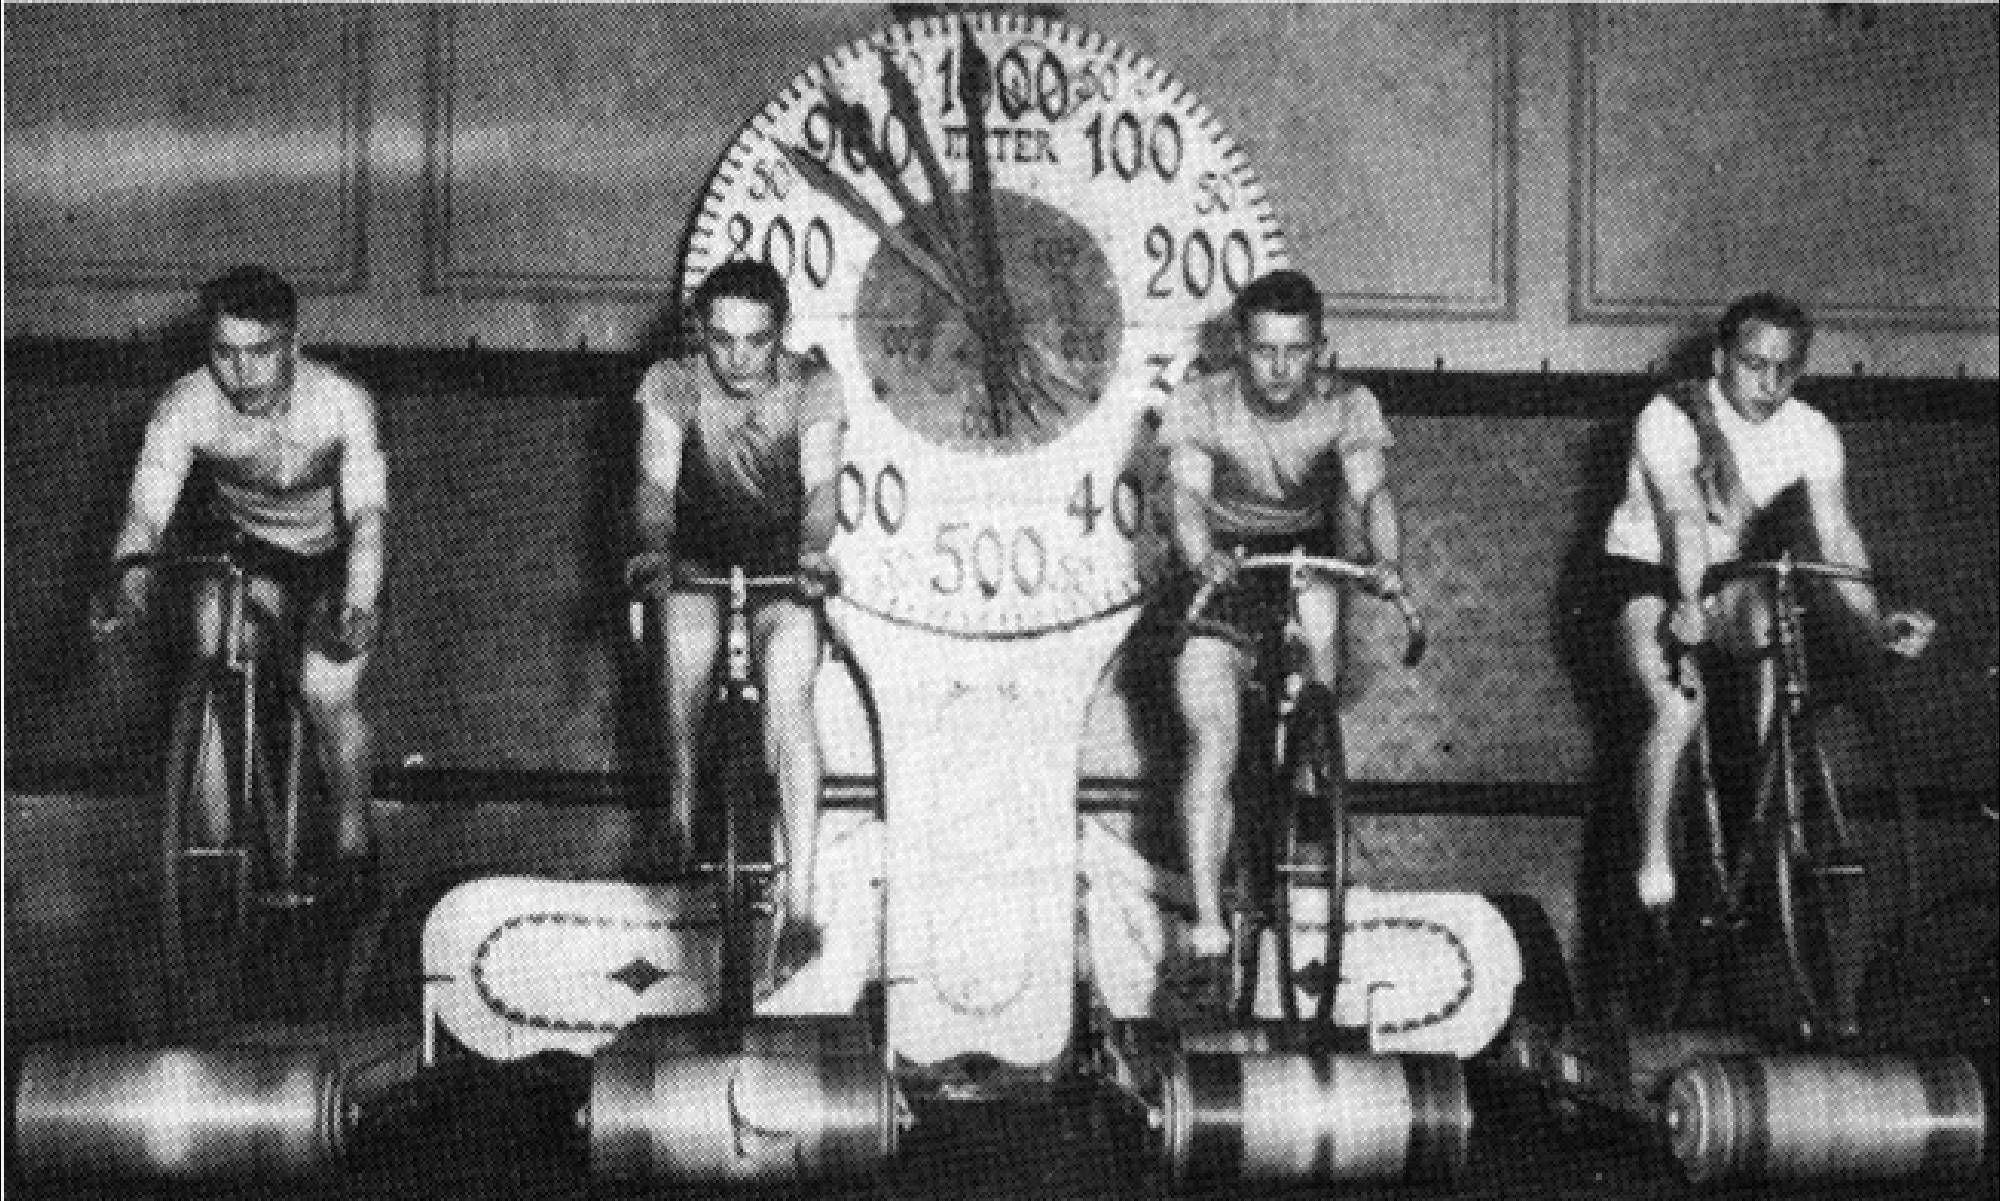 NRV 1888/09-Tour de Neuss